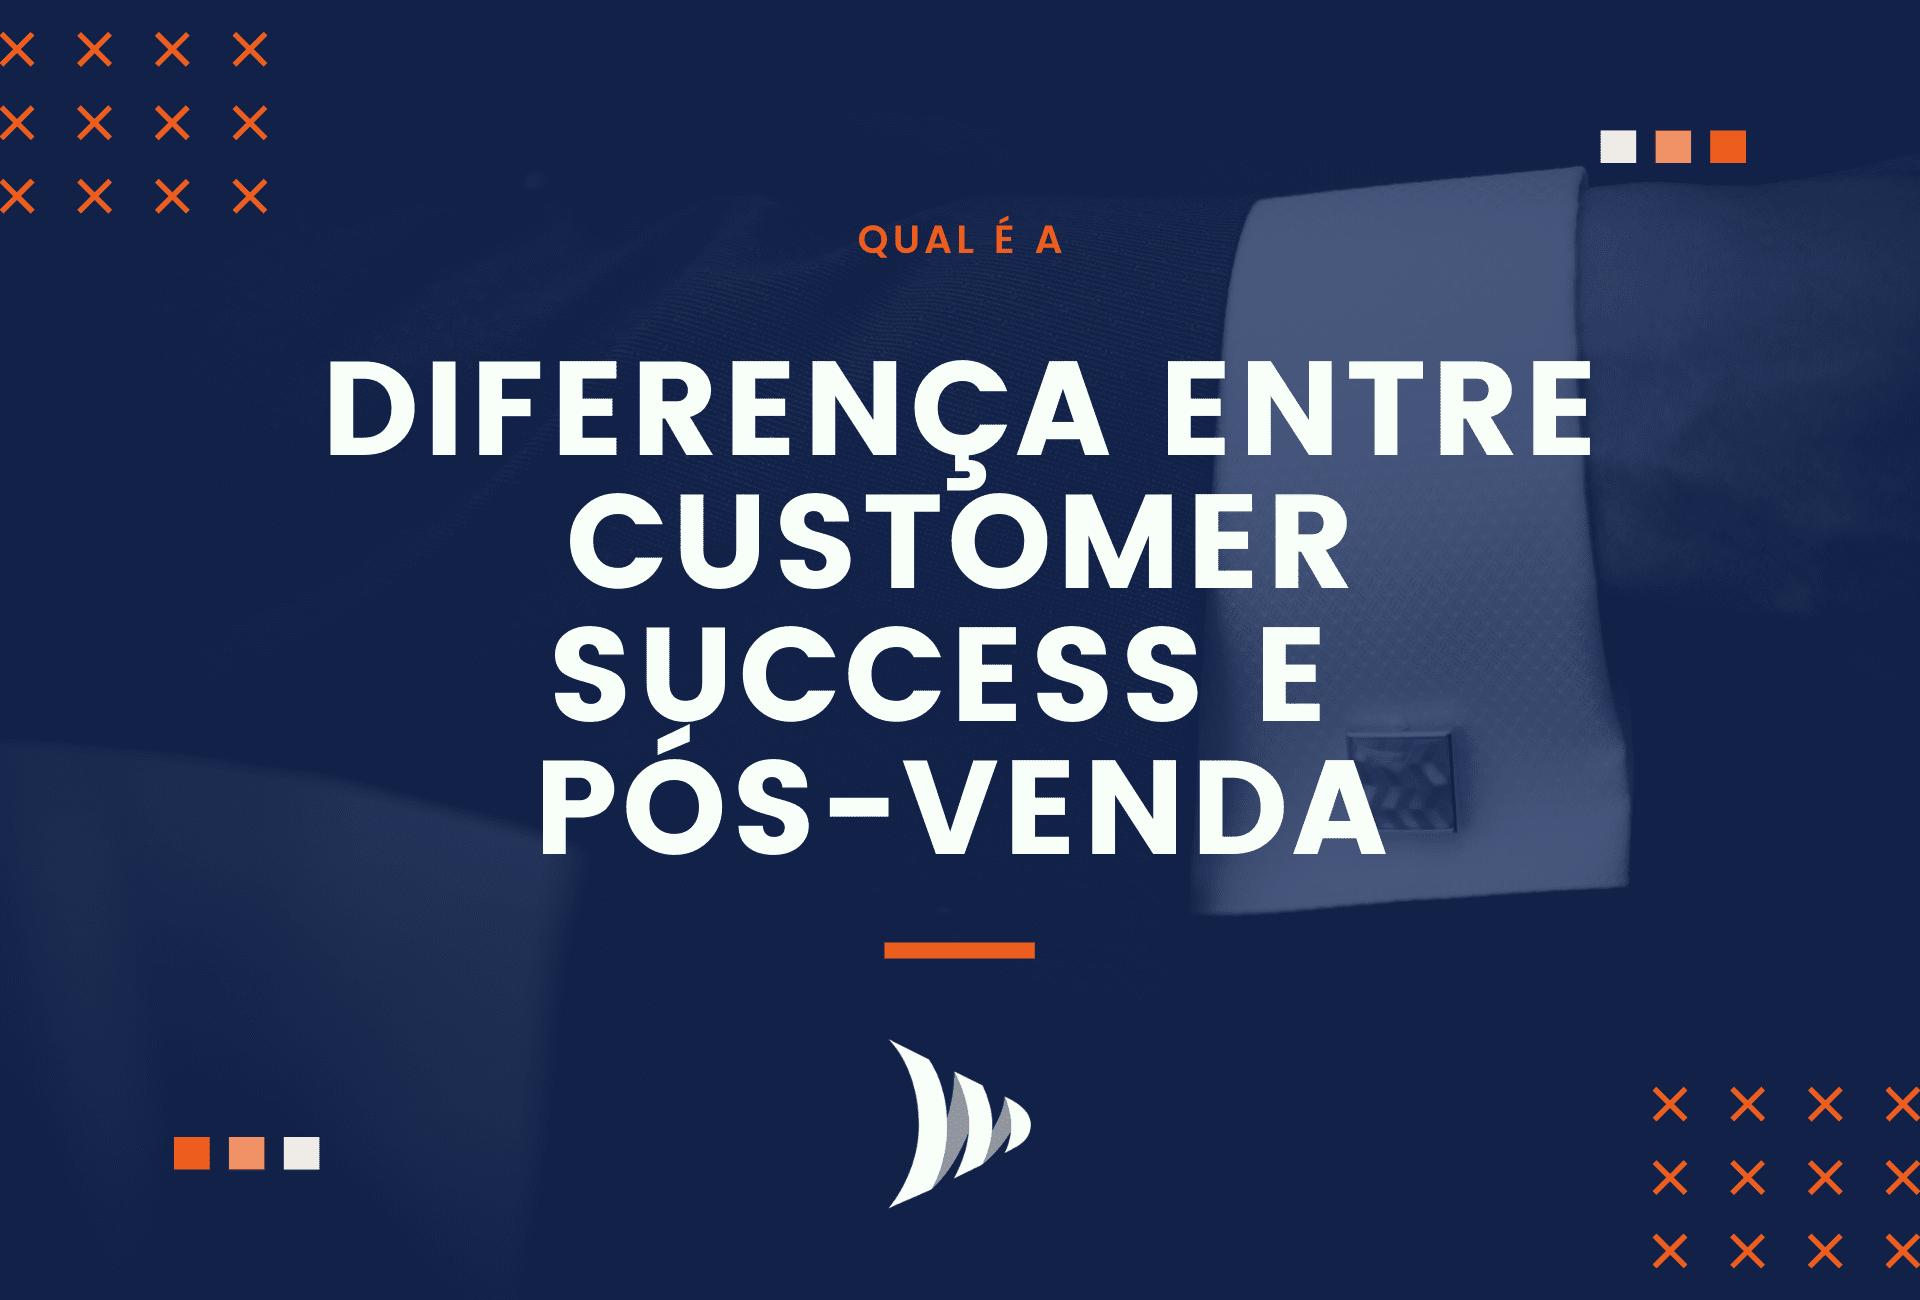 Diferença entre Customer Success e pós-venda